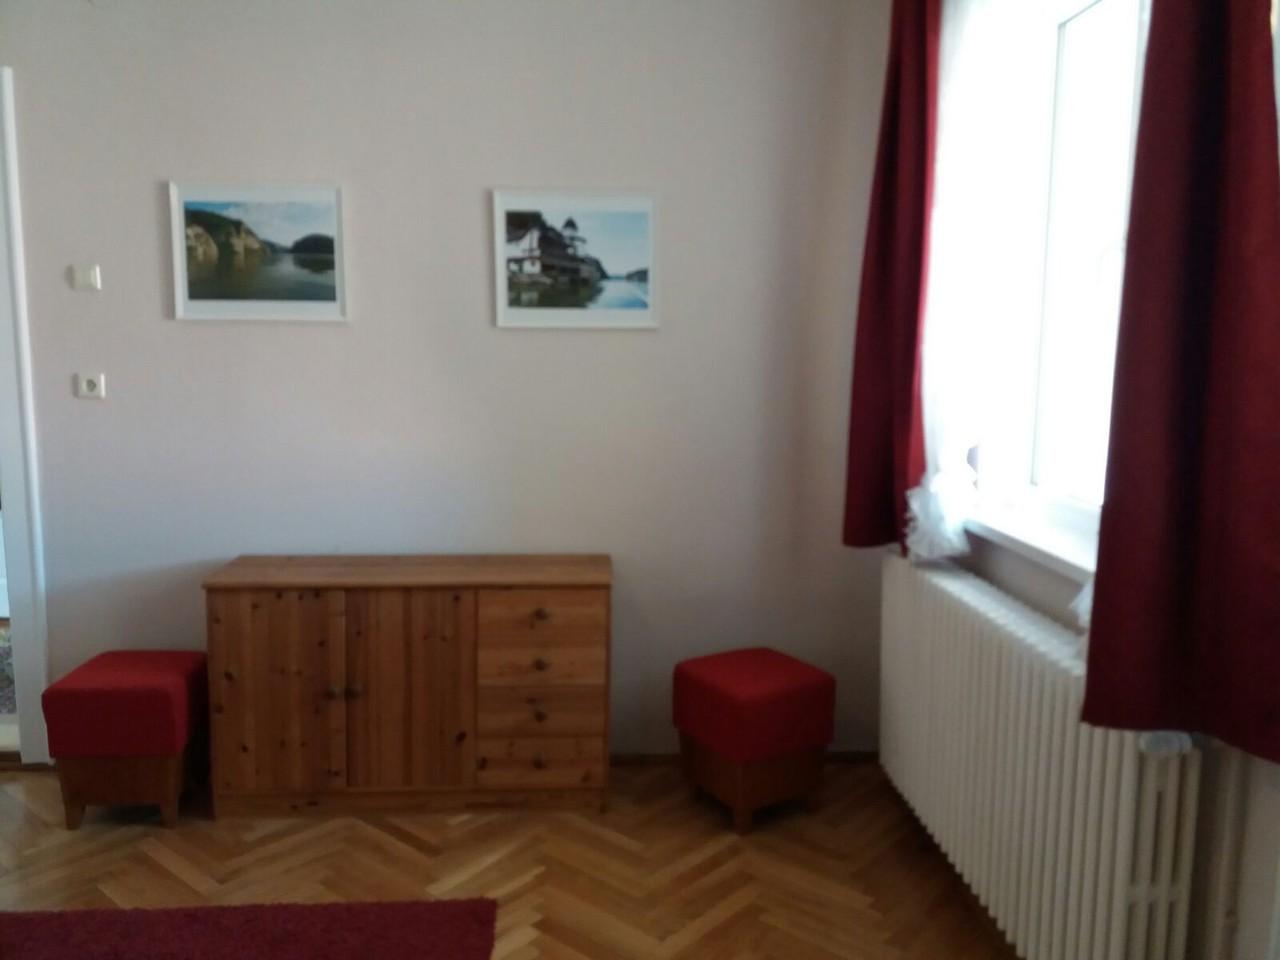 Apartament 2 camere de inchiriat in Sibiu zona Parcul Sub Arini-11-3